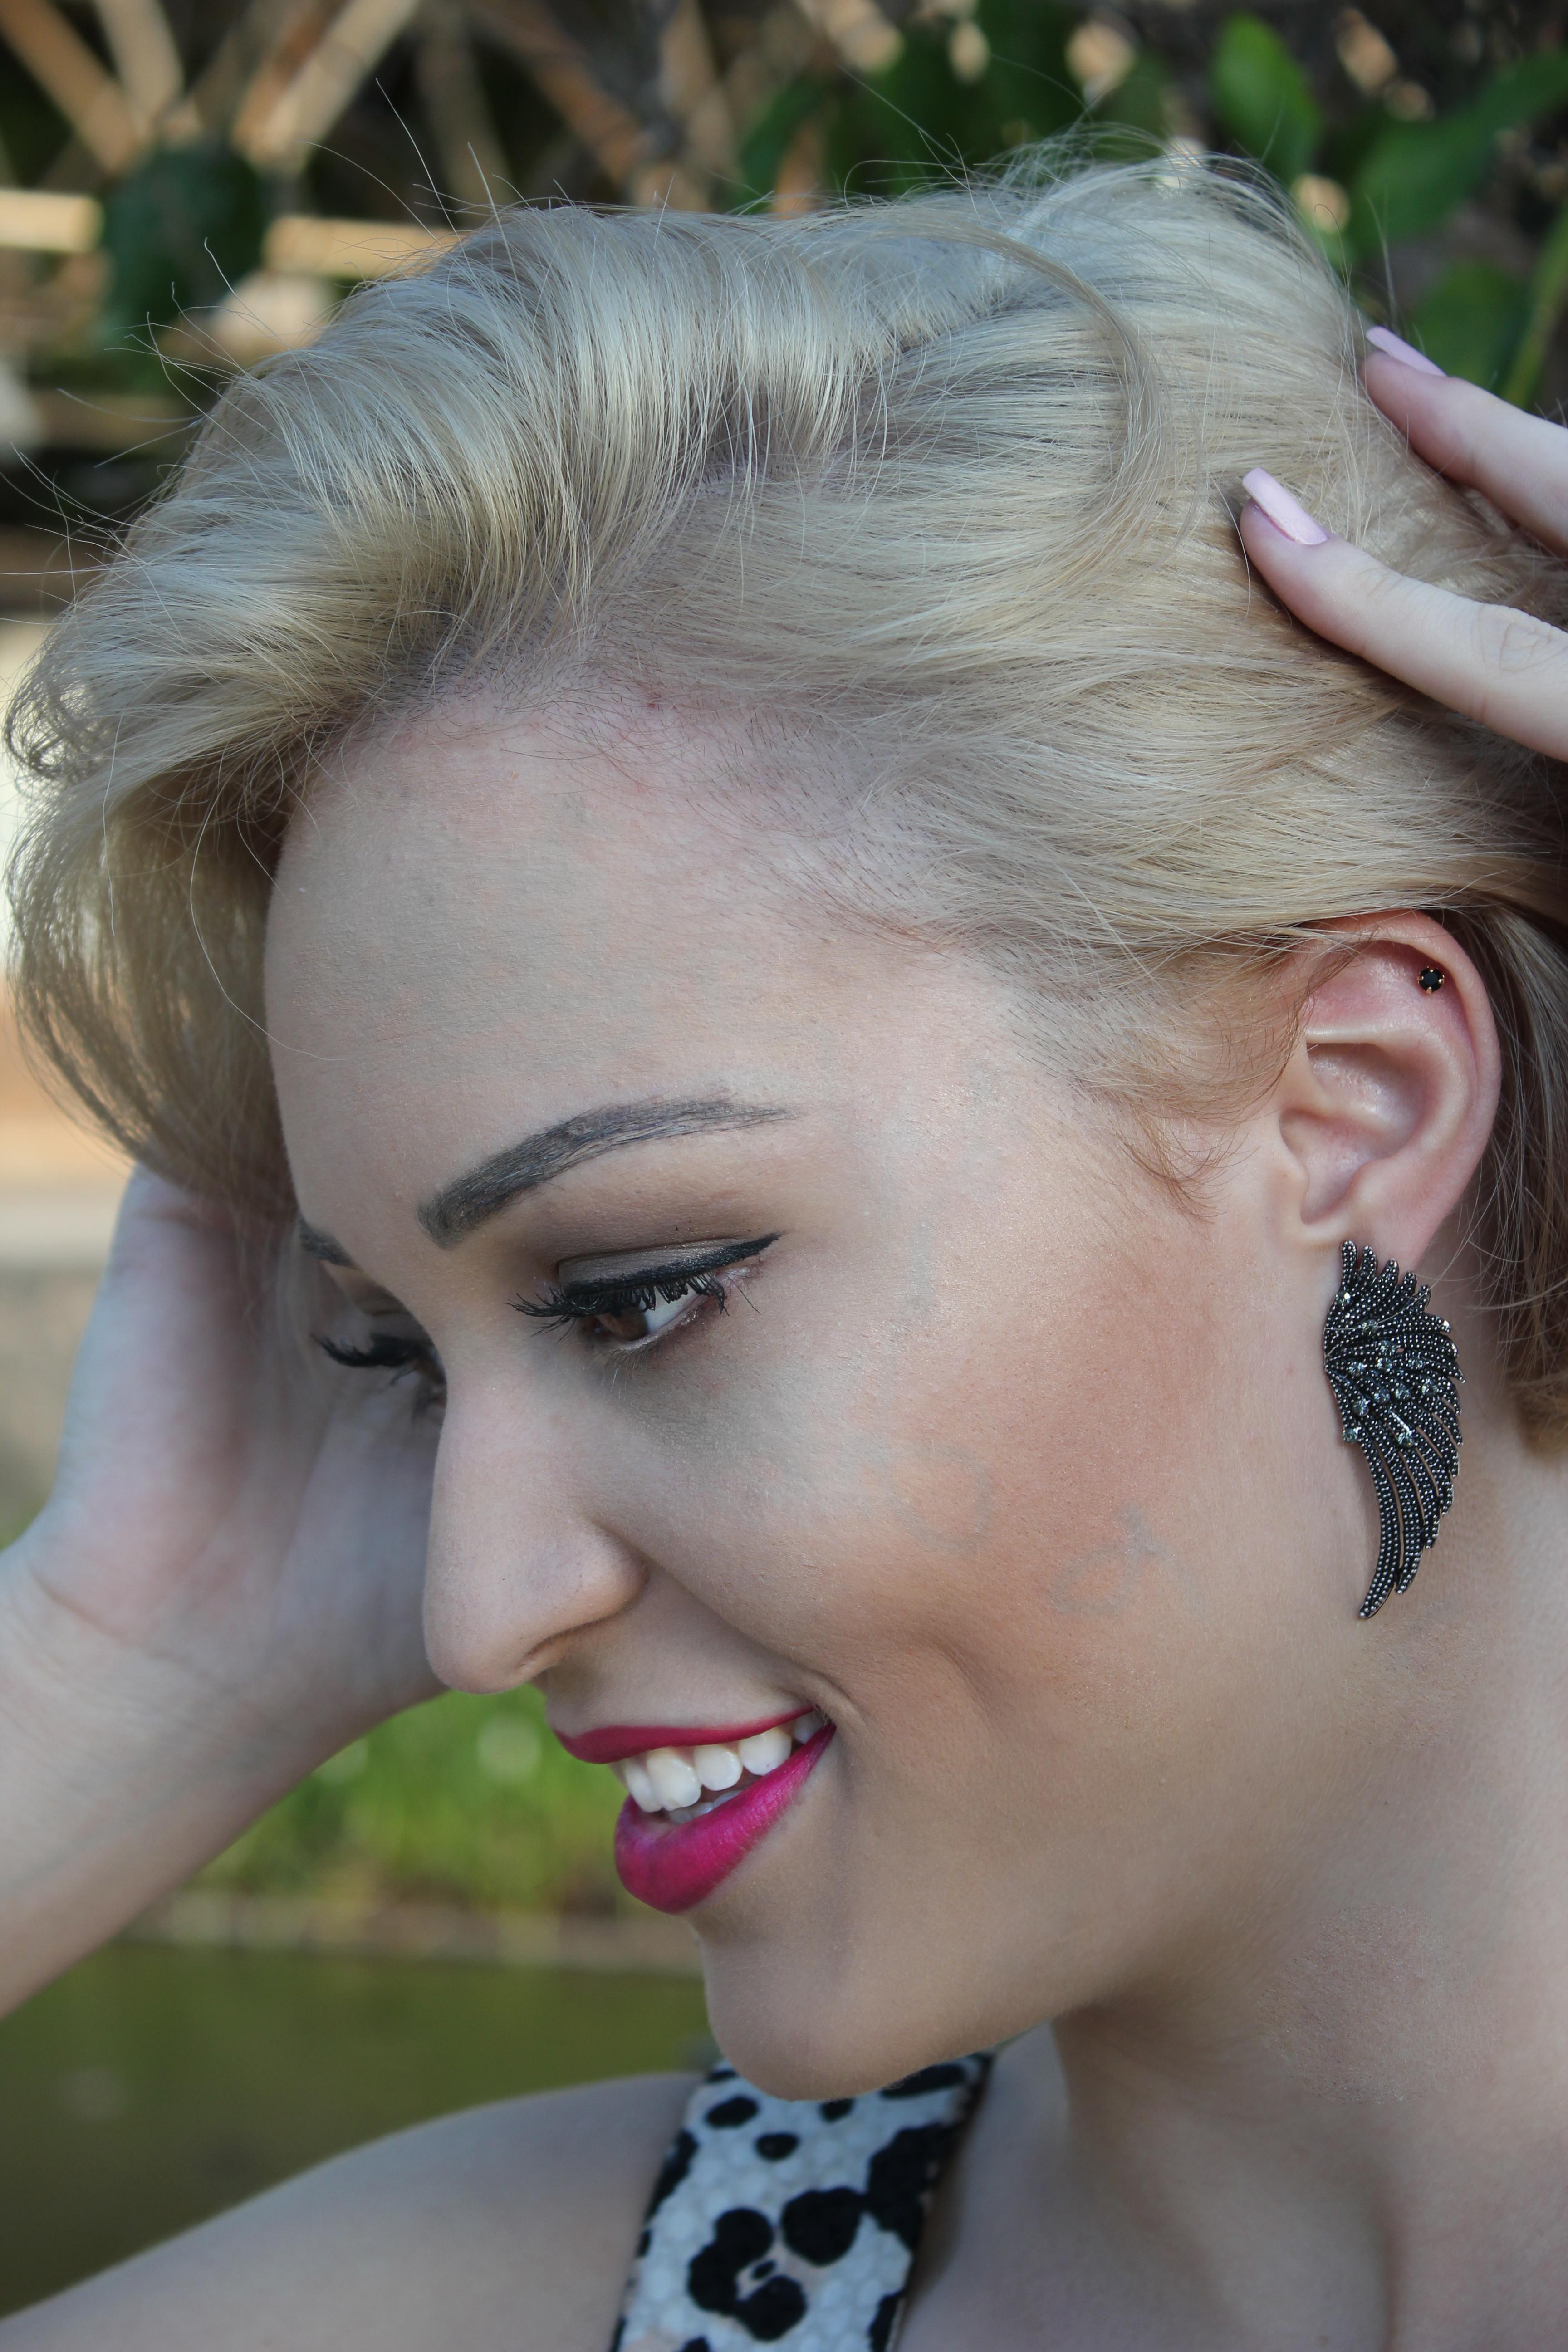 Make suave...  Com destaque para o batom que da o charme maior a maquiagem. #makeup #suave #delicado  maquiagem designer de sobrancelhas maquiador(a) cabeleireiro(a) manicure e pedicure